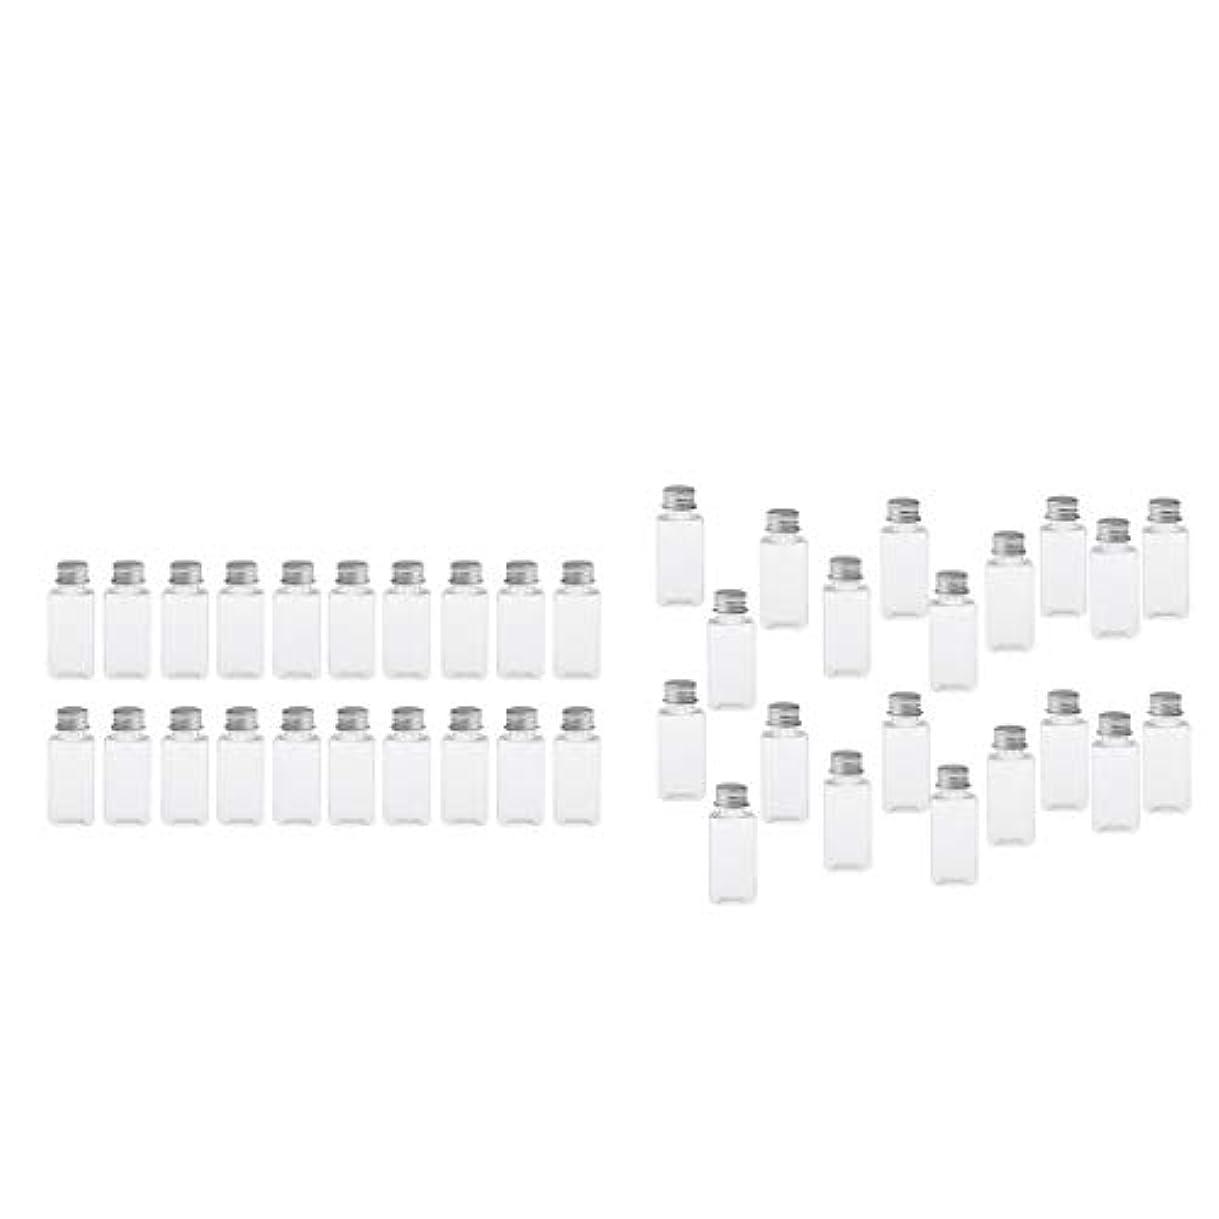 以来定数繁殖T TOOYFUL 60個入り 空ボトル メイクアップボトル ローションボトル 化粧ボトル 旅行用品 全4選択 - クリア+銀(約40個)